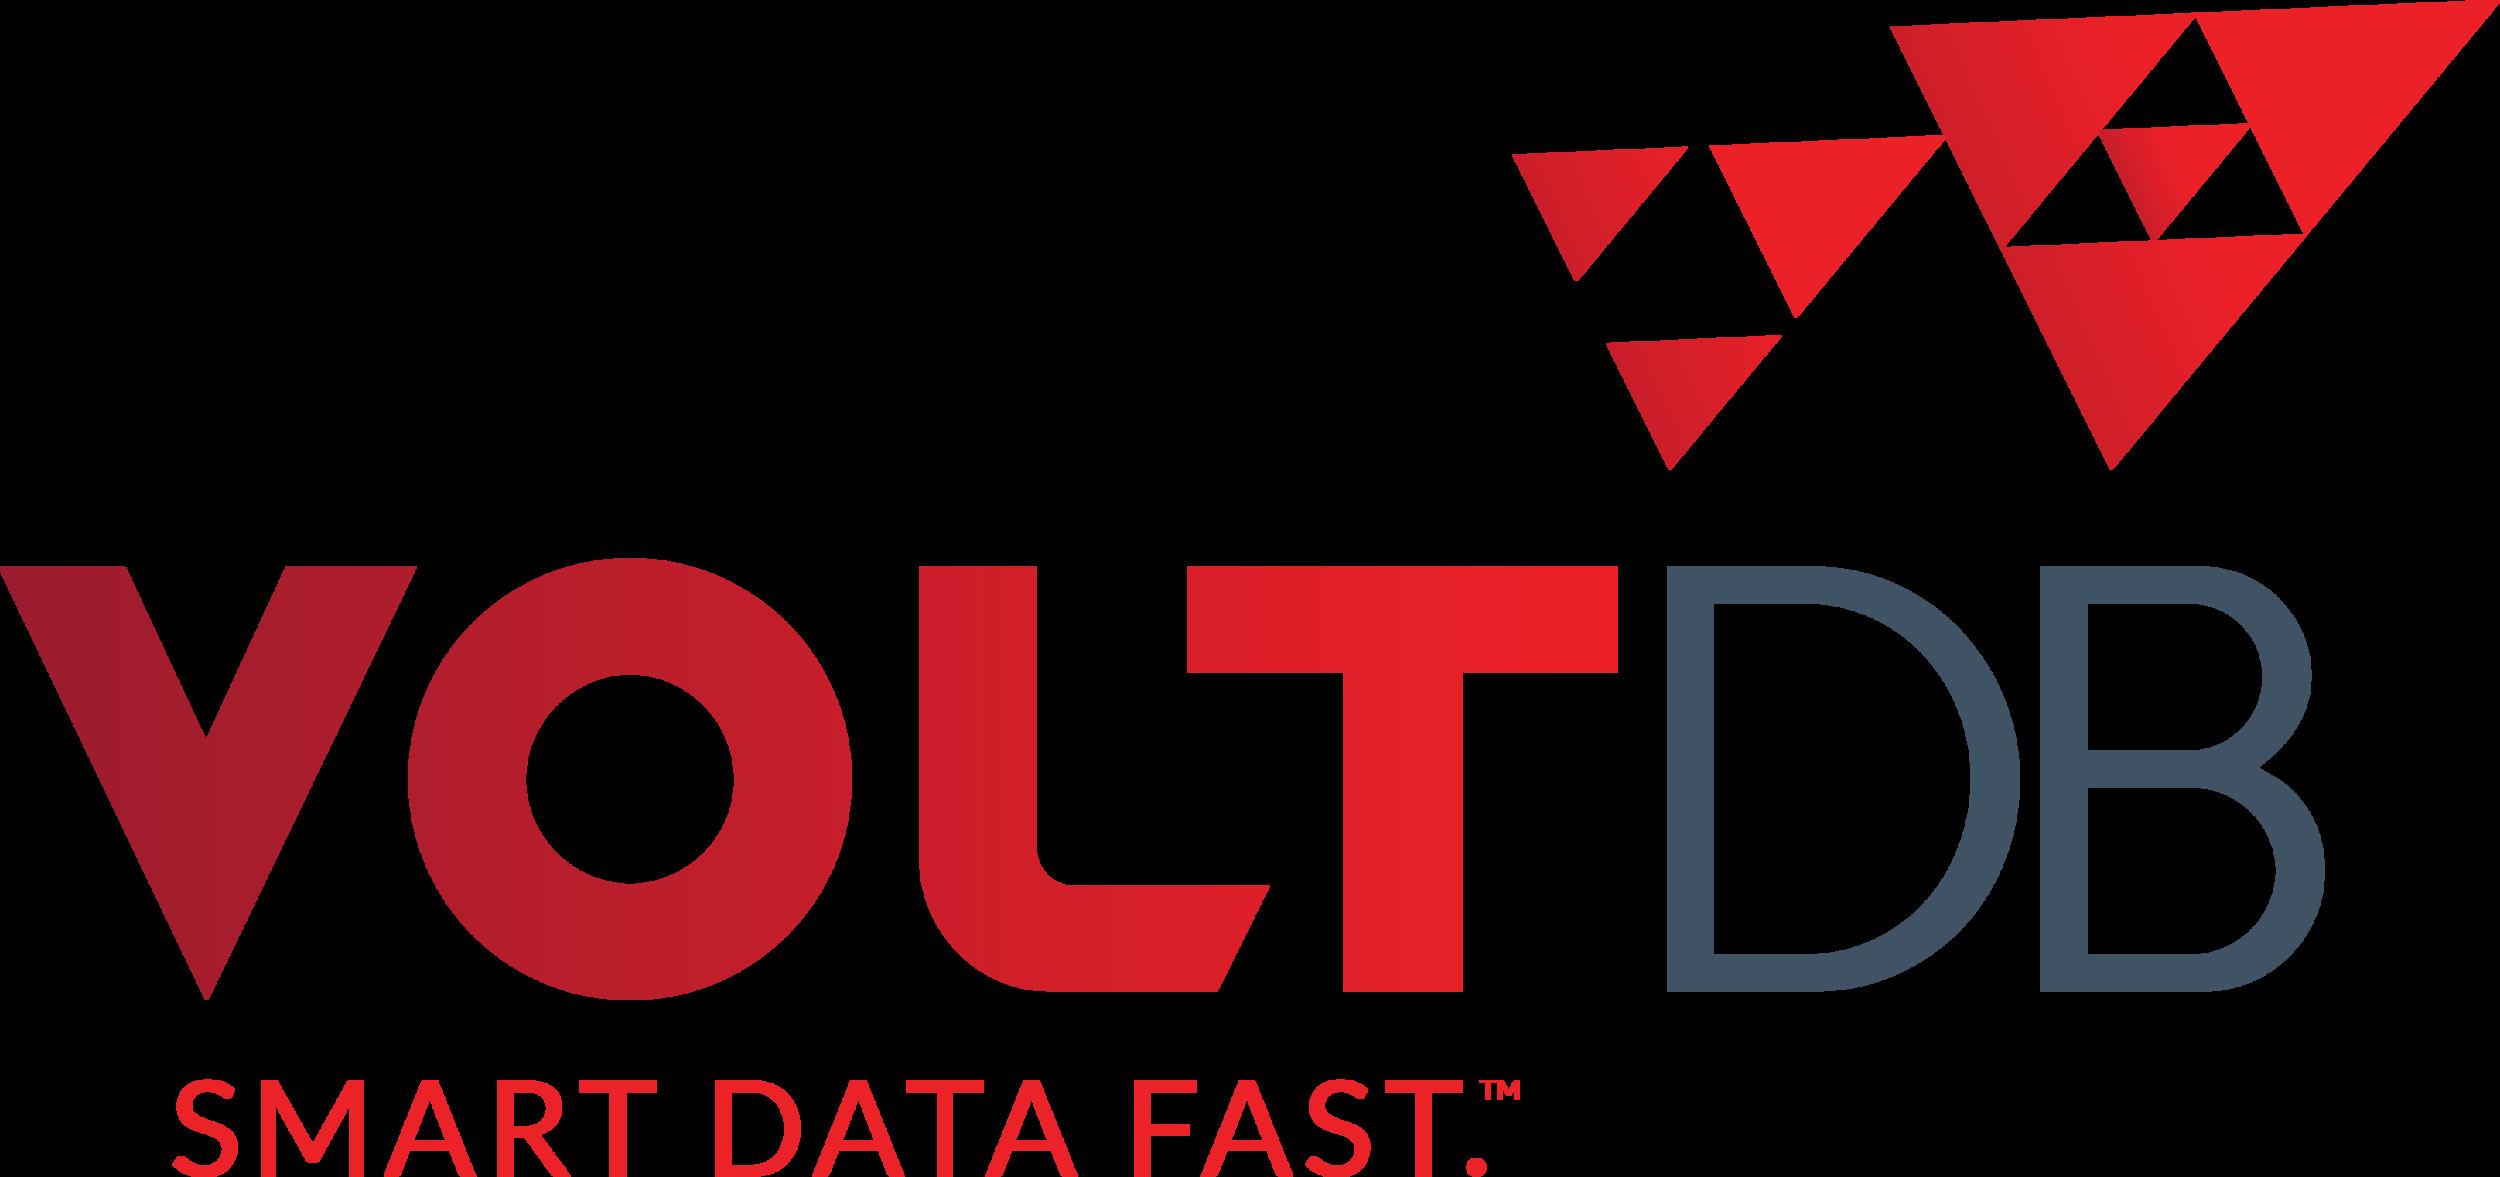 voltdb-logo.png